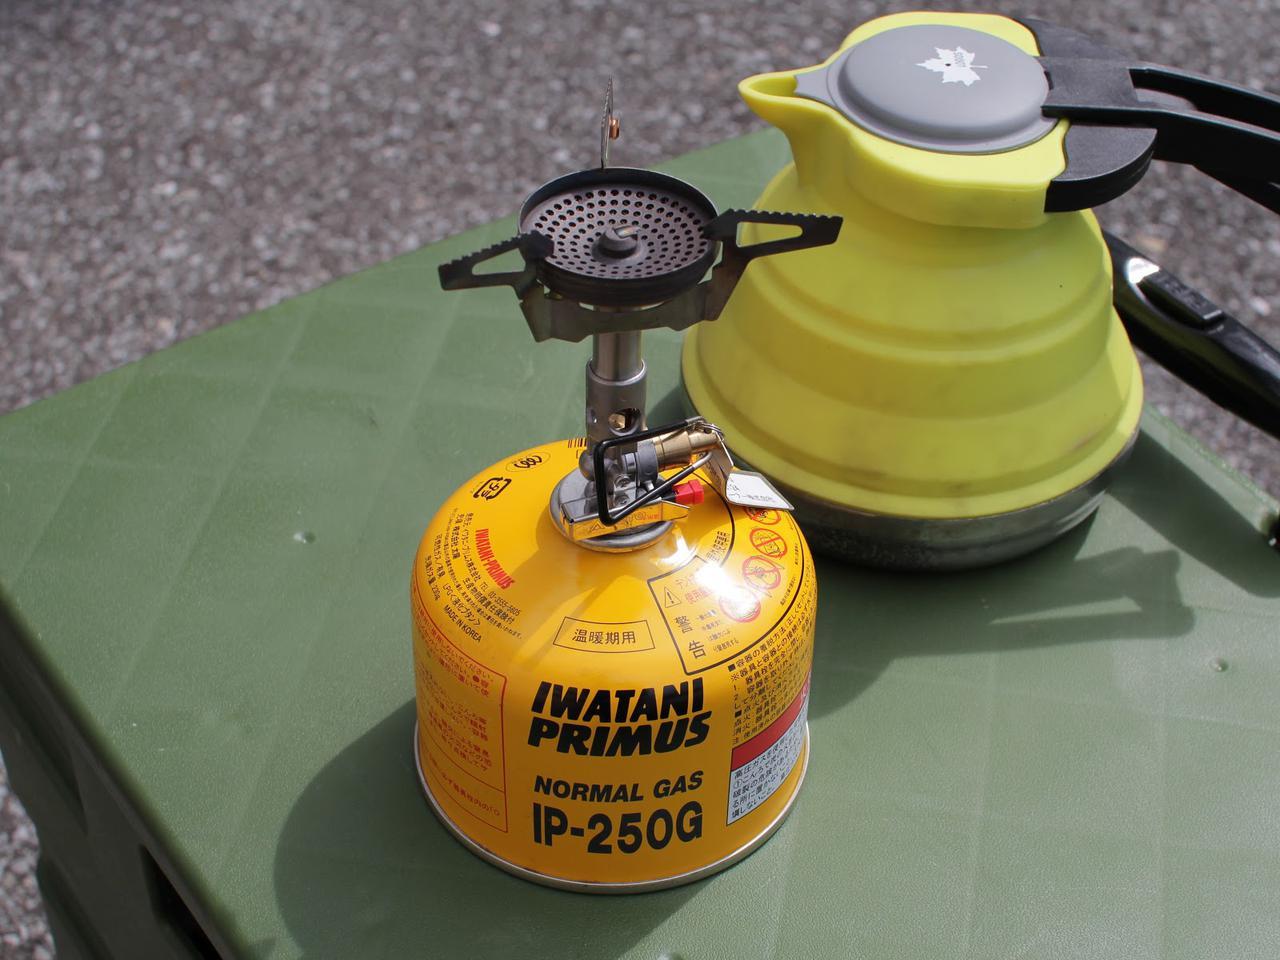 画像: 筆者提供:これがあれば、加熱調理はバッチリ